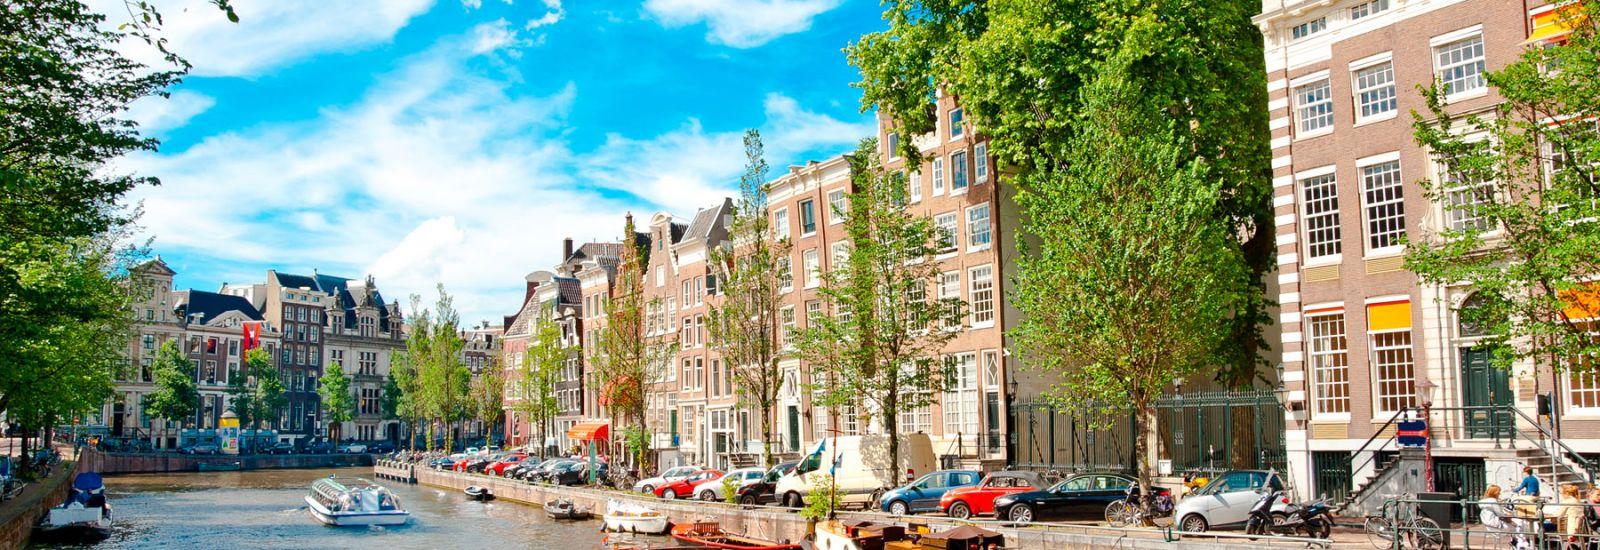 Smile Acadimos Amsterdam